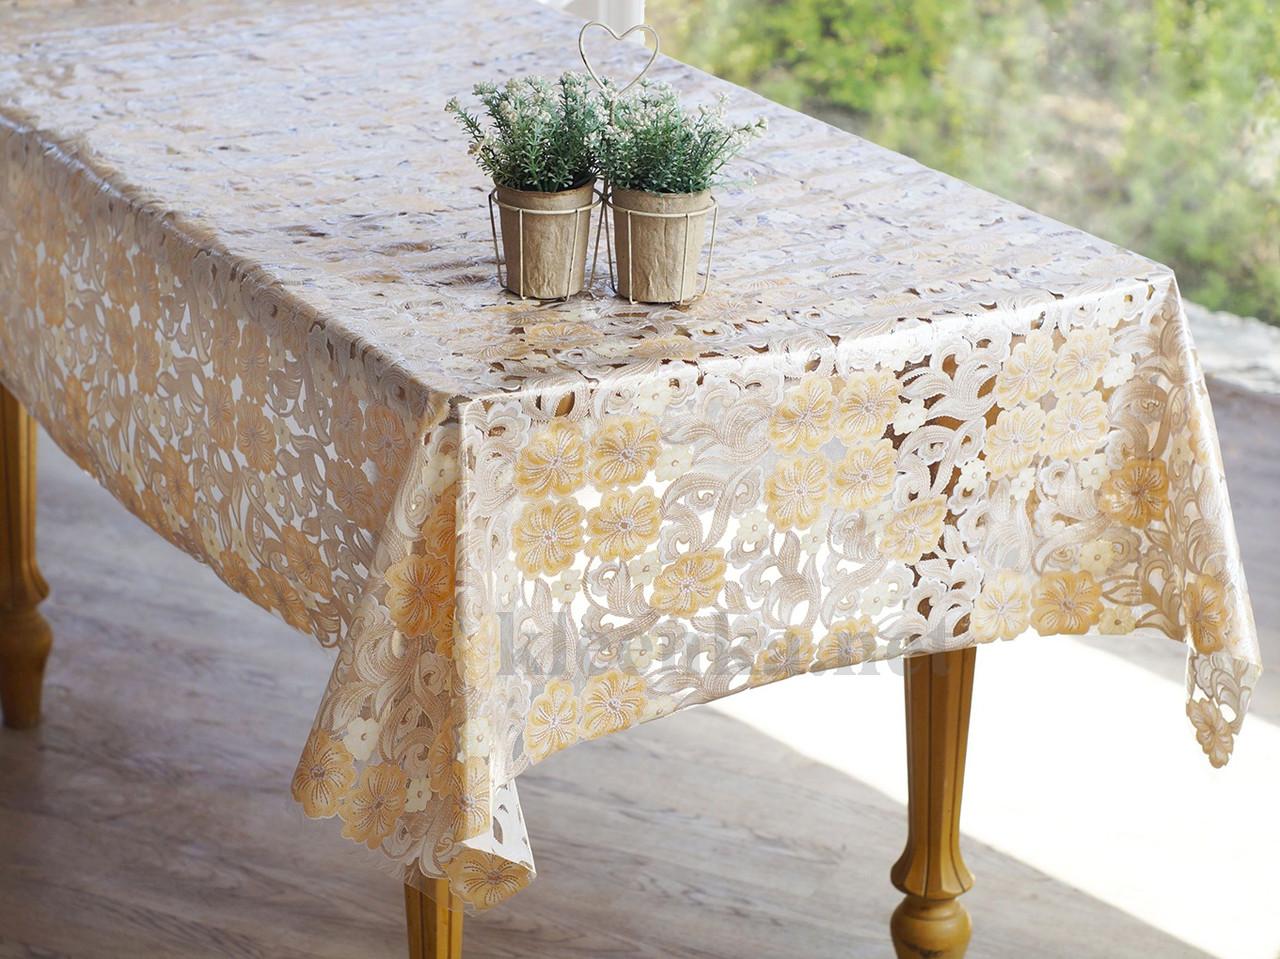 Клеенка Ажурная на праздничный стол, высокое качество!